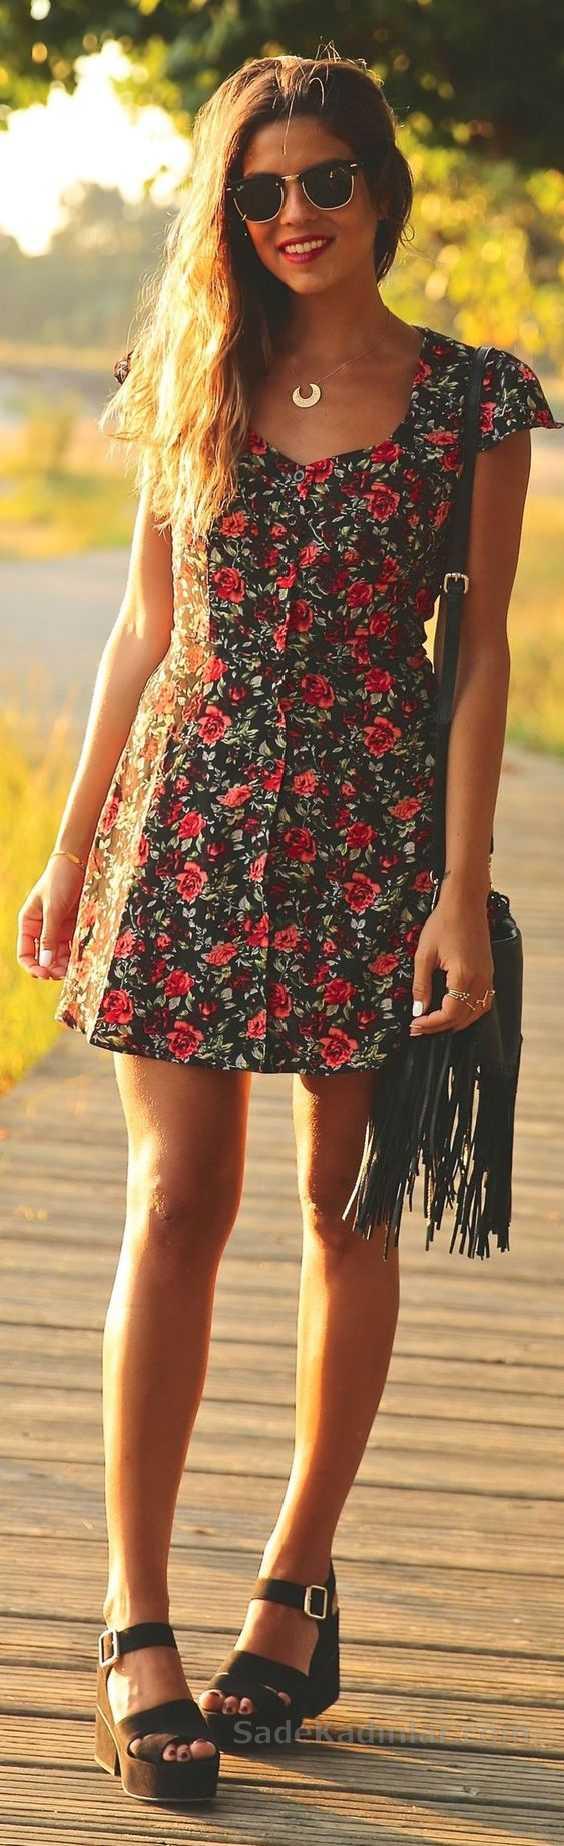 2020 Yazlık Elbise Modelleri Siyah Kısa Kare Yaka Kısa Kollu Kırmızı Çiçek Desenli Elbise